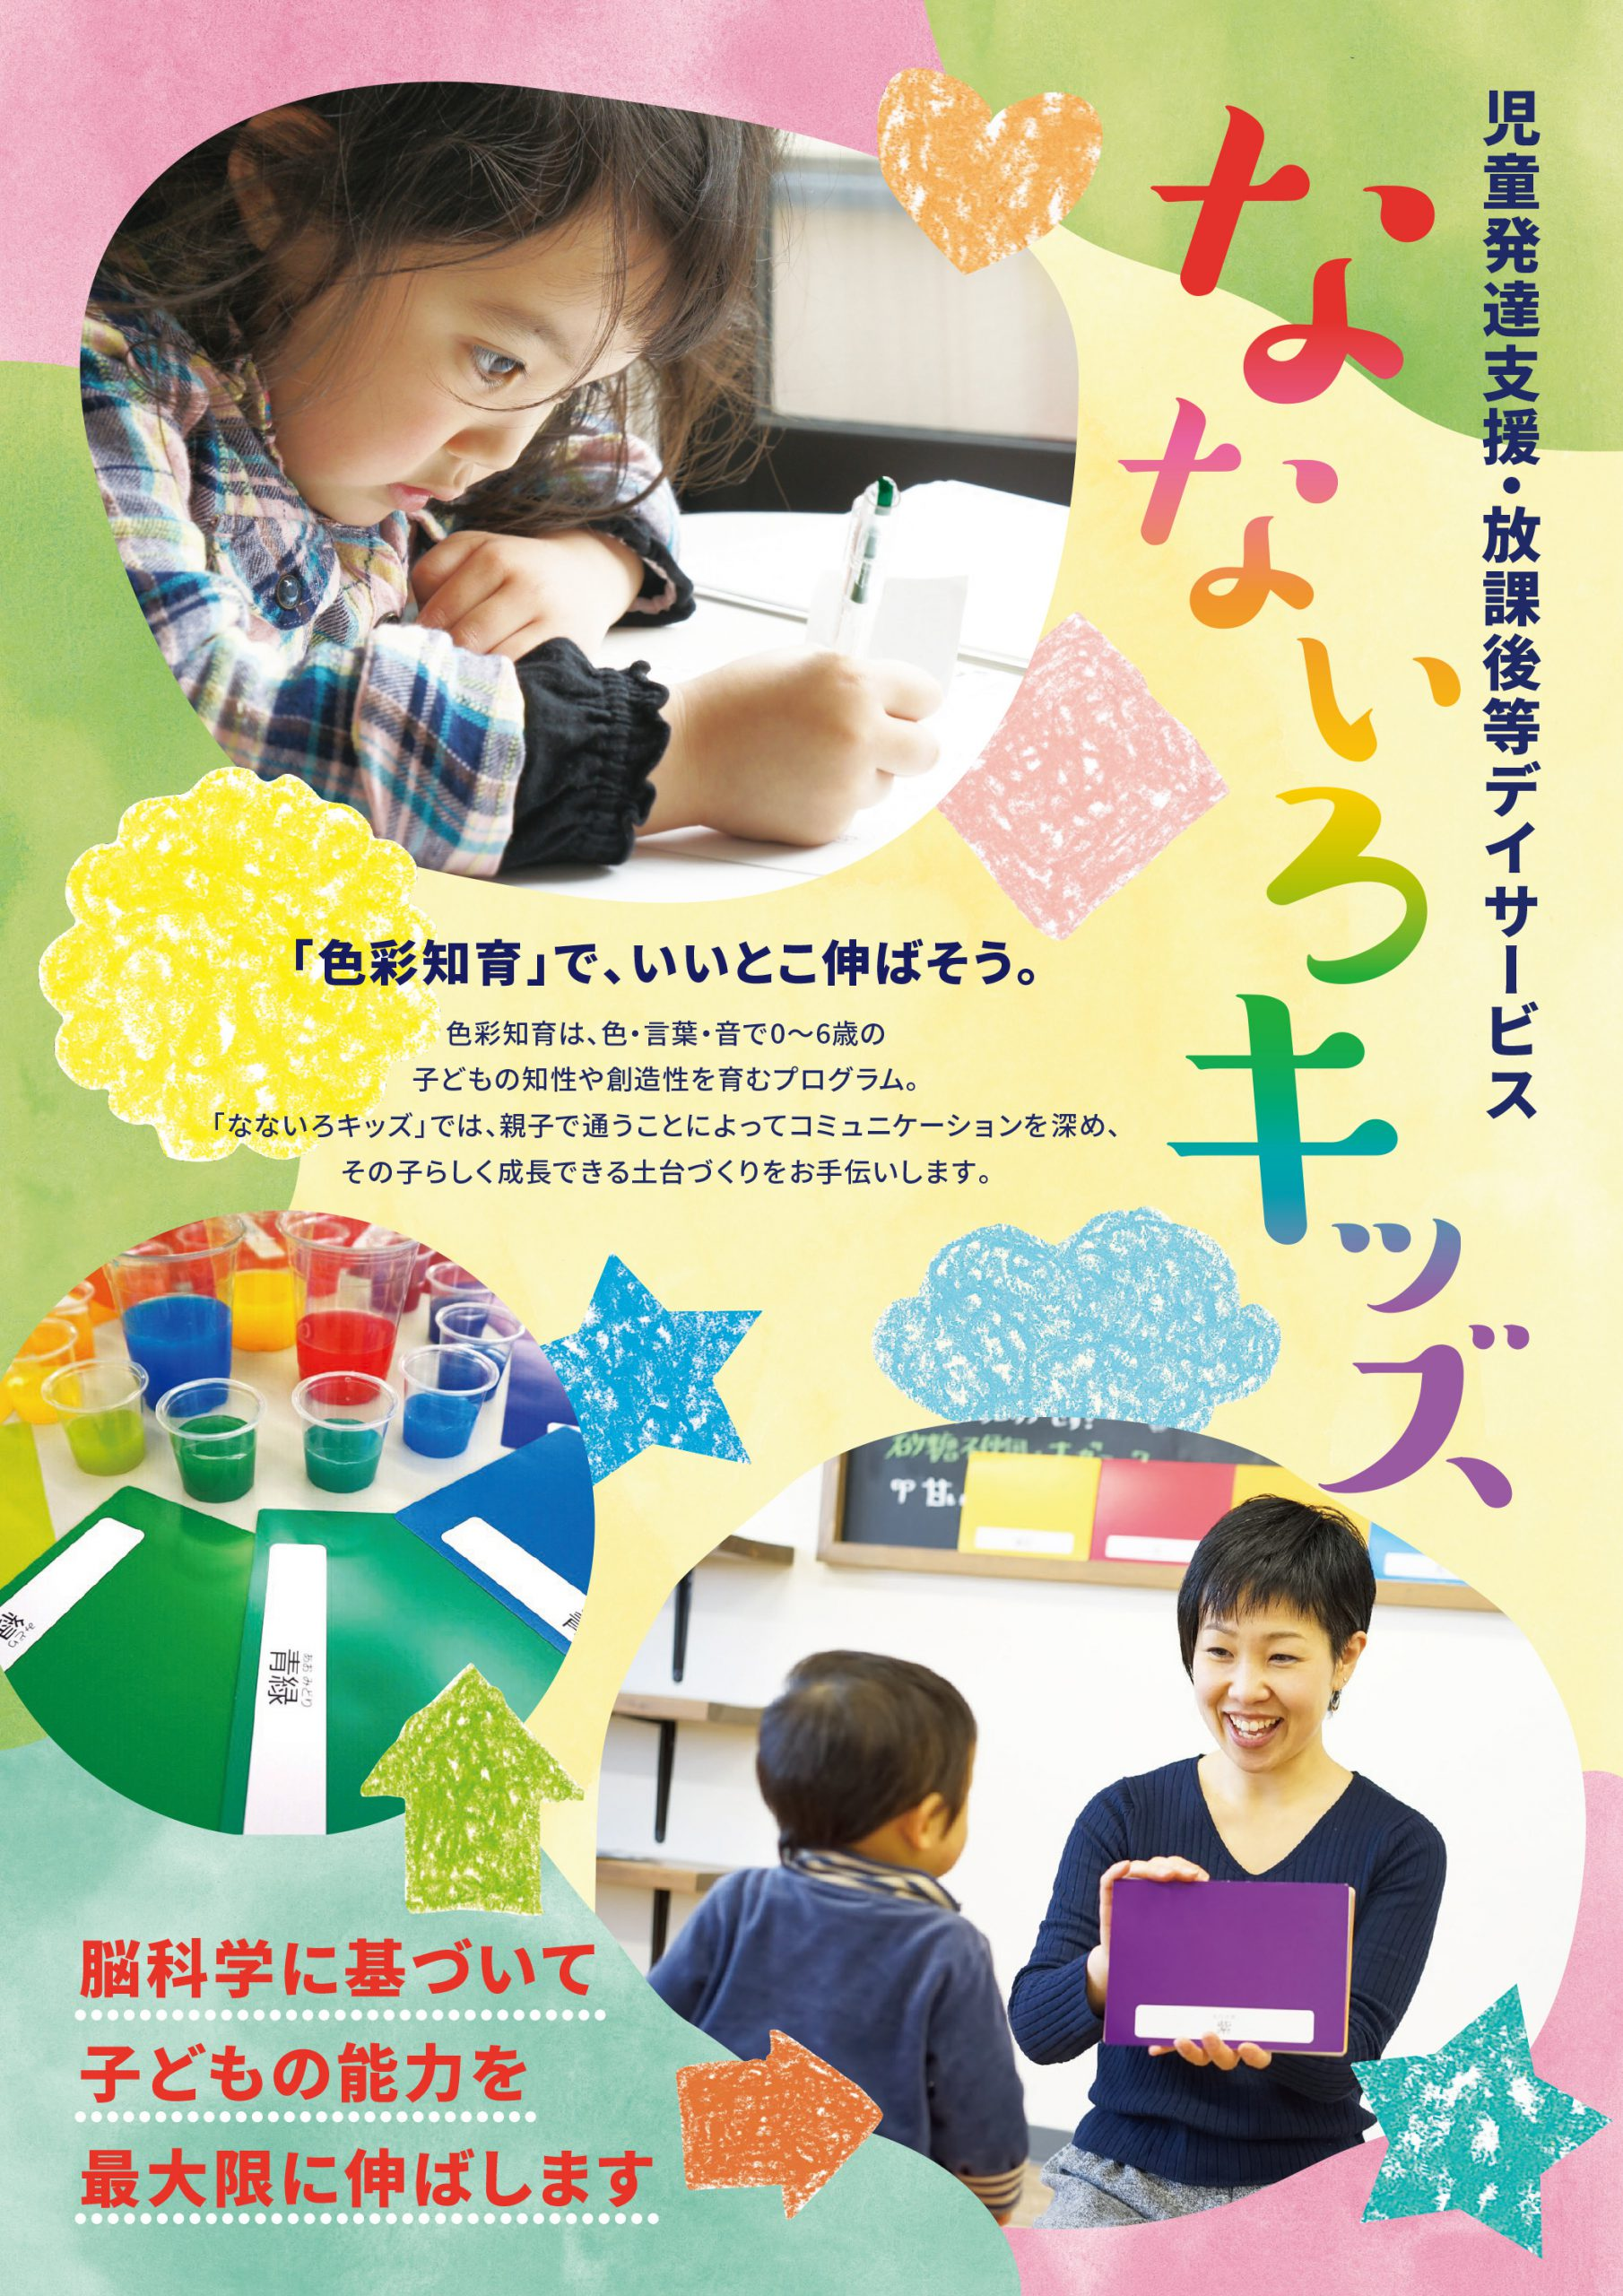 「色彩知育」で、いいとこ伸ばそう。|なないろキッズ様(大阪市天王寺区)